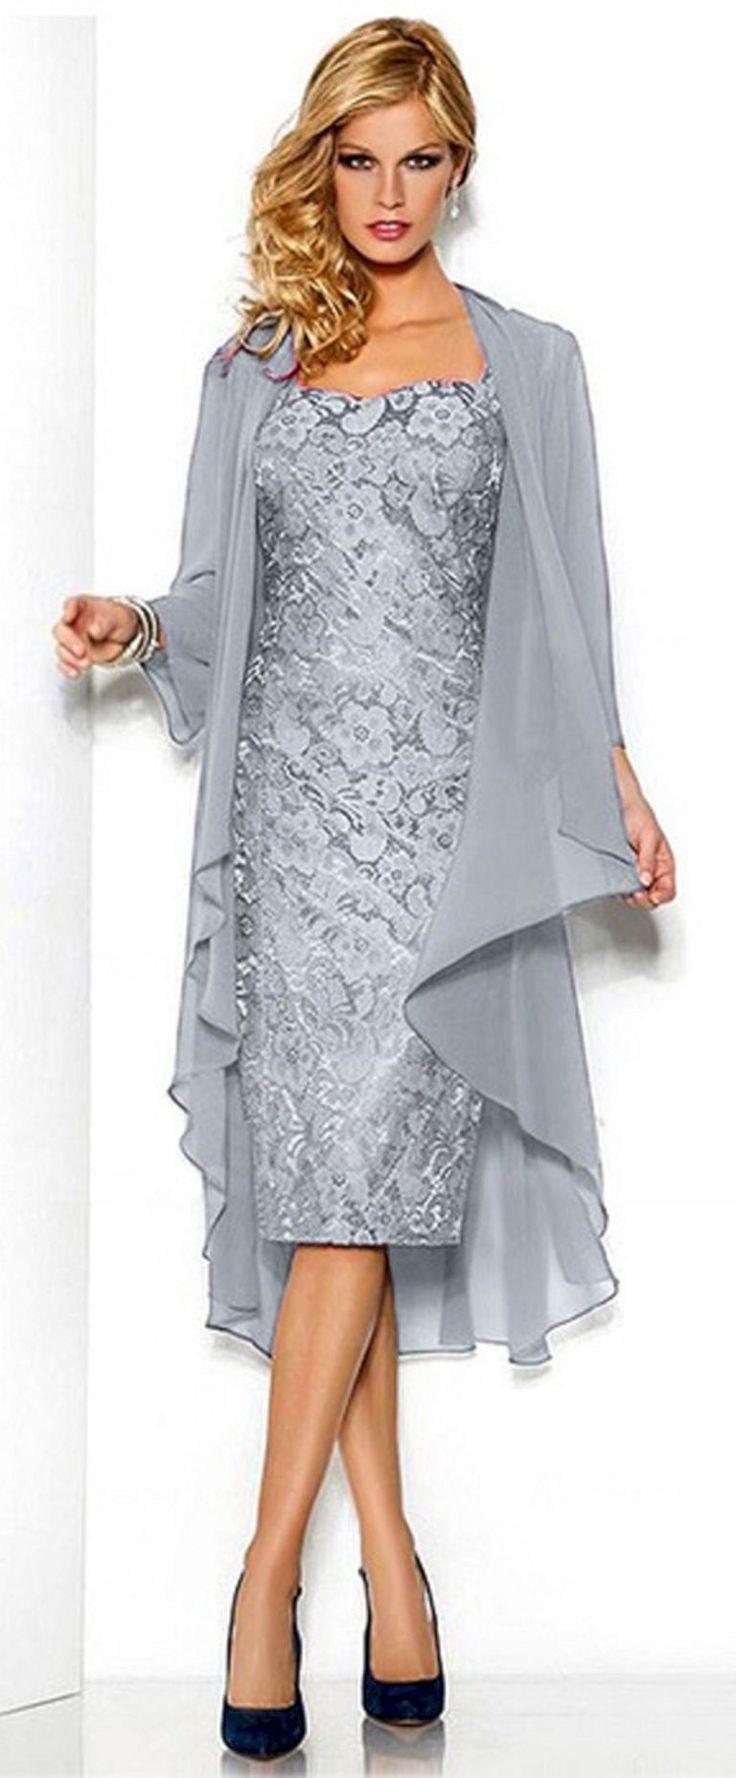 18 Kleider Für Hochzeit Brautmutter Stil  Designerkleidern